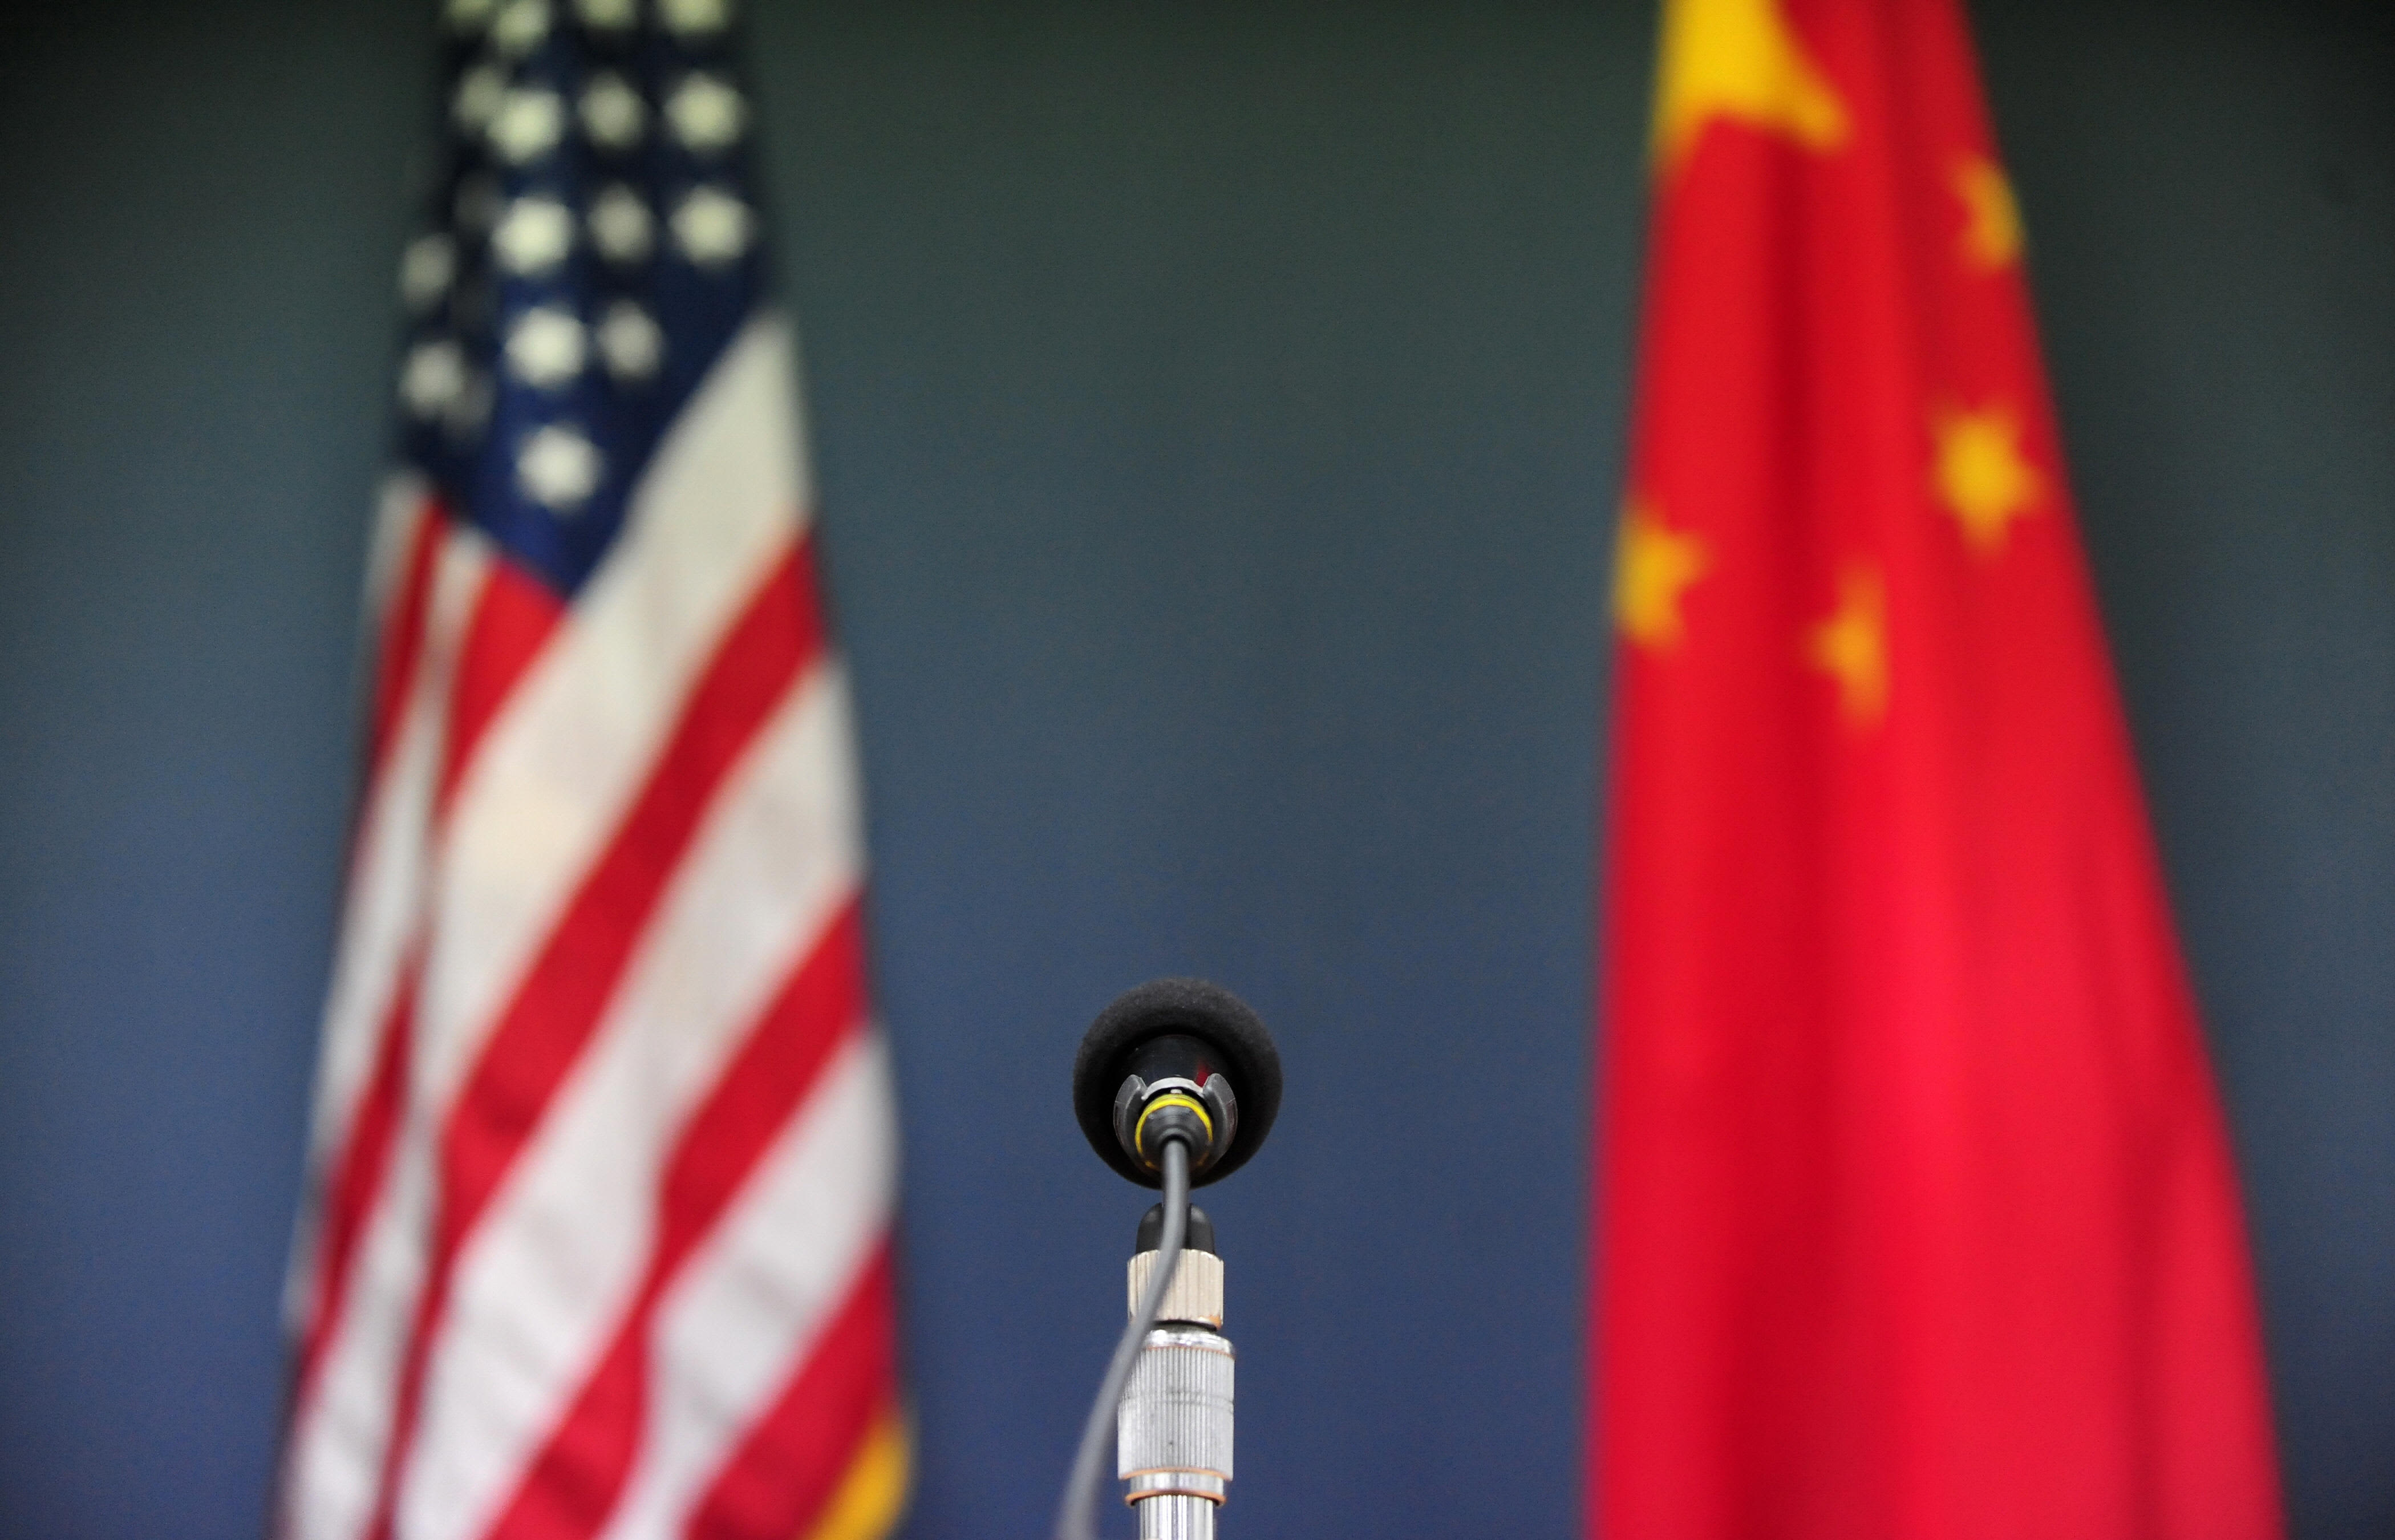 Các cuộc gặp như thượng đỉnh Biden-Xi có thể là con đường duy nhất cho Hoa Kỳ và Trung Quốc, cựu cố vấn của Obama nói